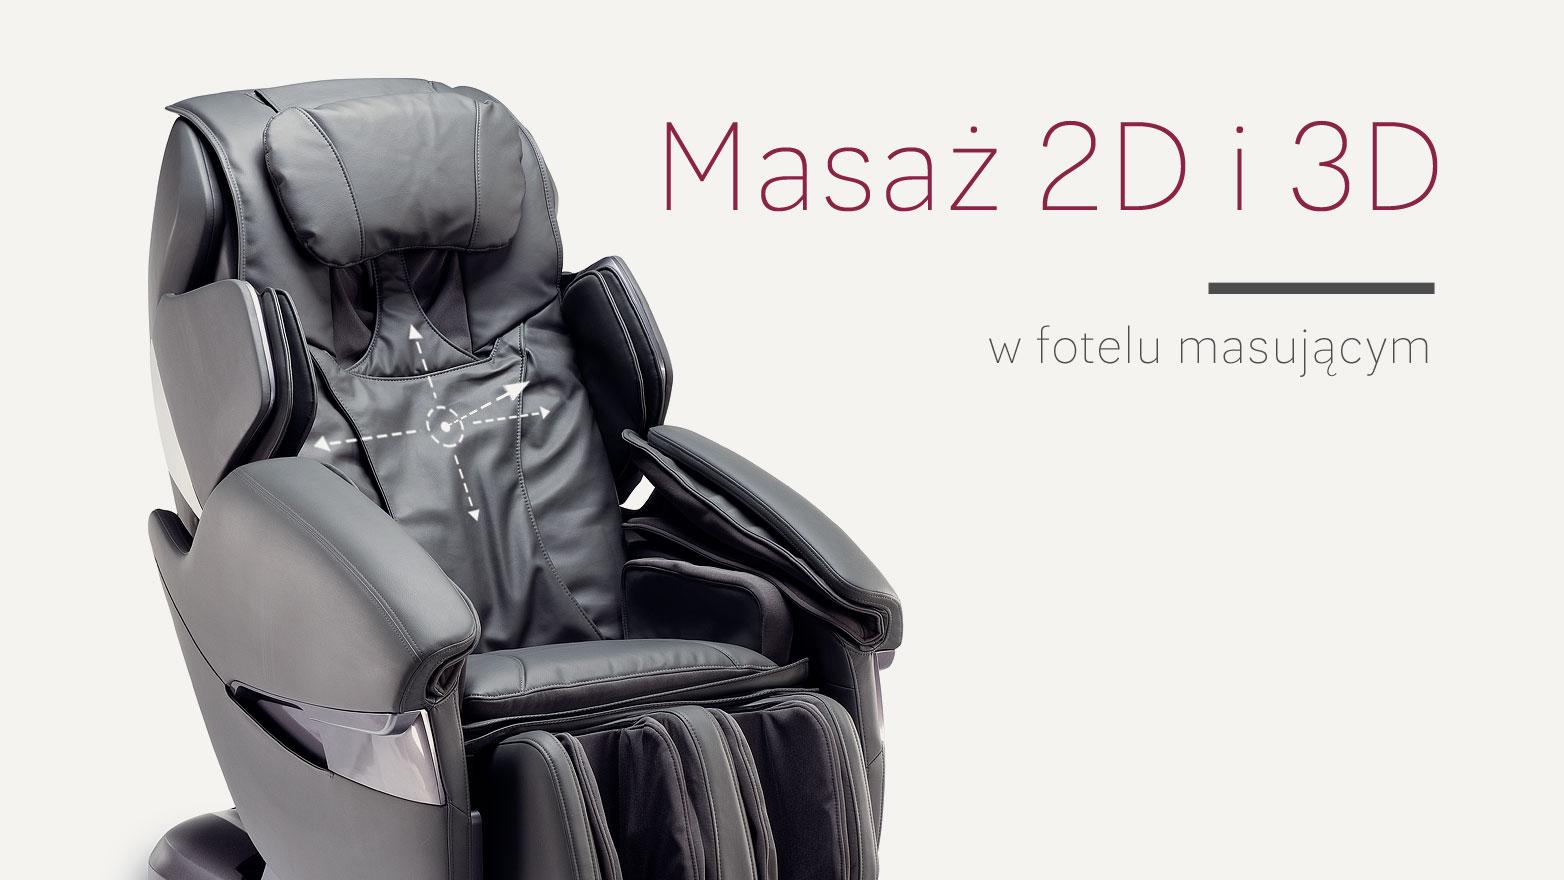 Fotel masujący masaż 2d 3d Rest Lords